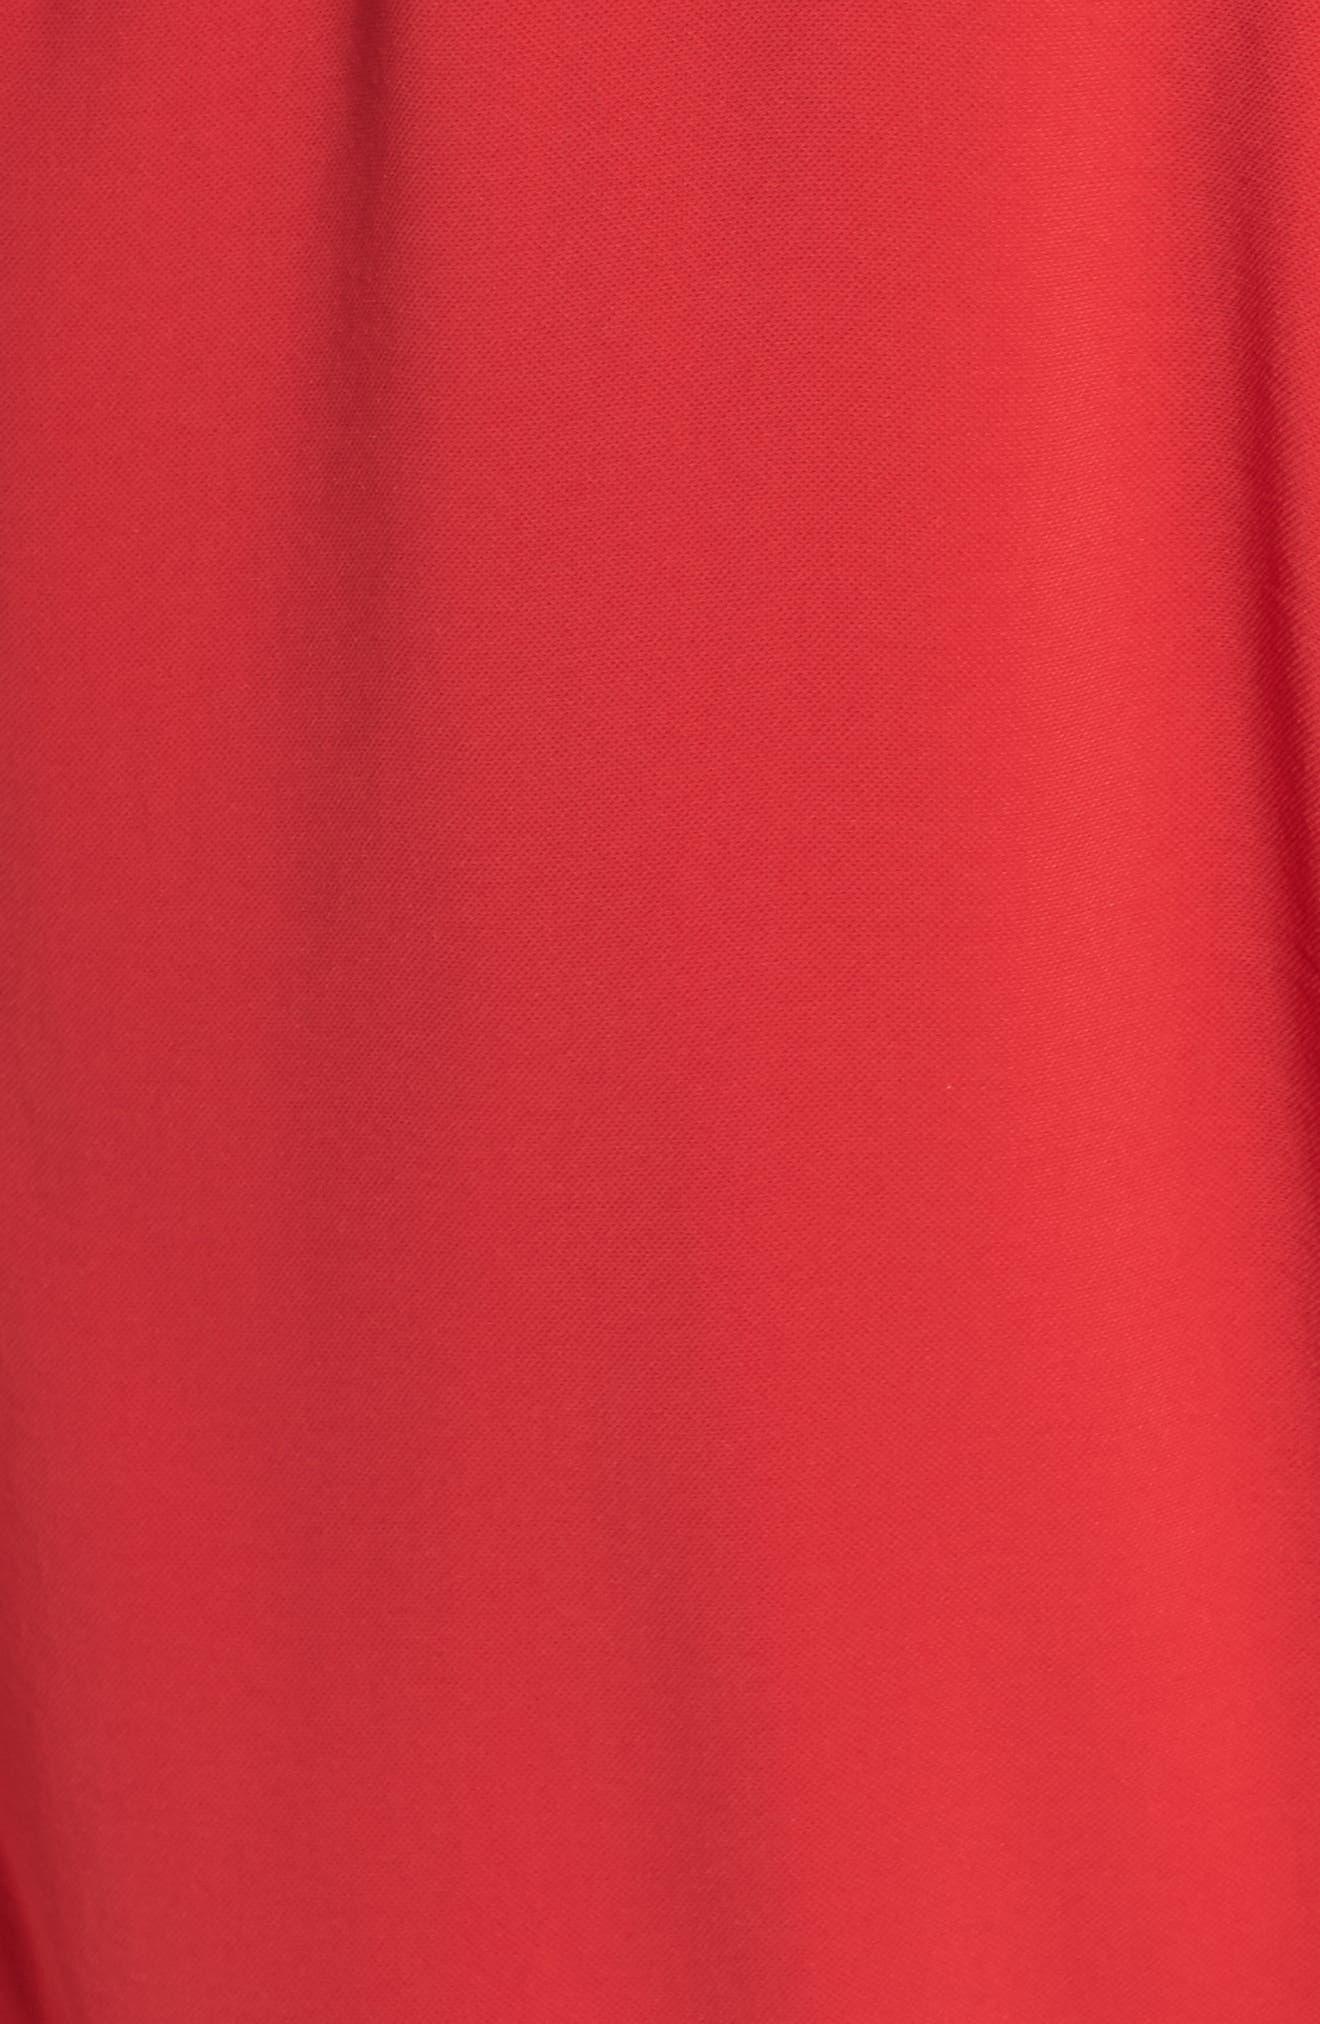 Crepe Flutter Sleeve Dress,                             Alternate thumbnail 5, color,                             645